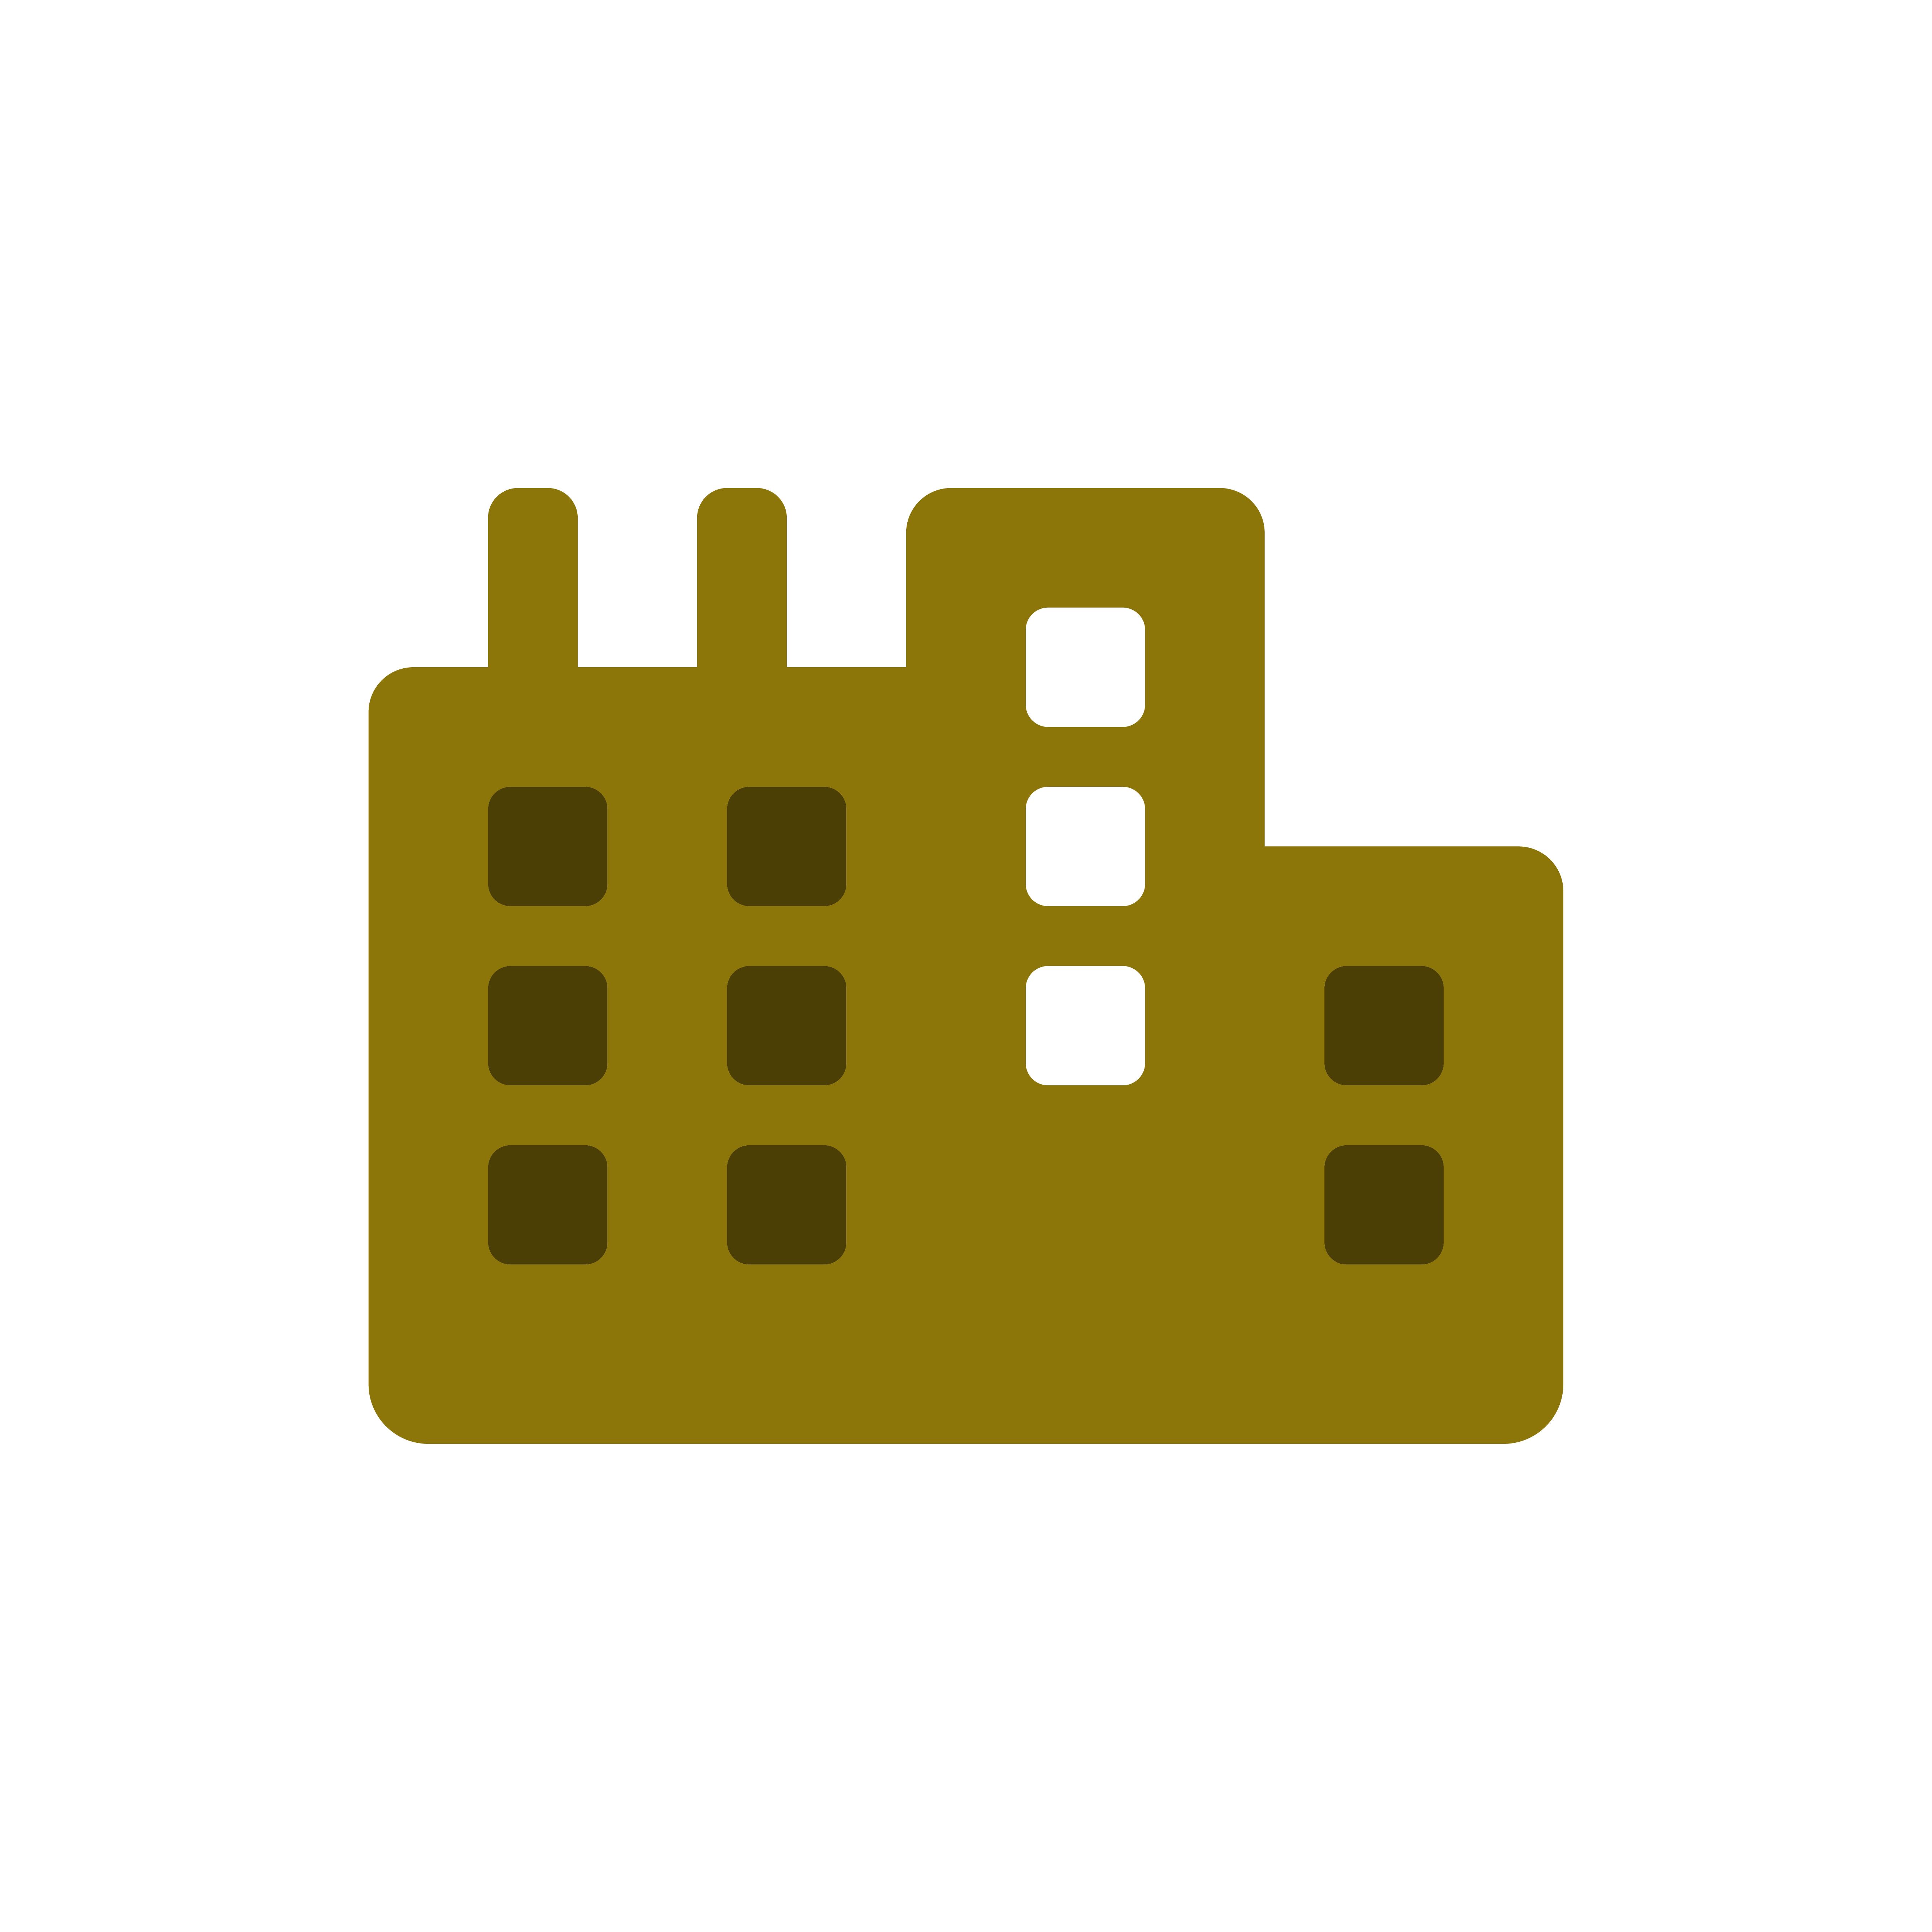 Impianti - dichiarazioni conformità dell'impianto installato a regola d'arte ex DM 37/2008